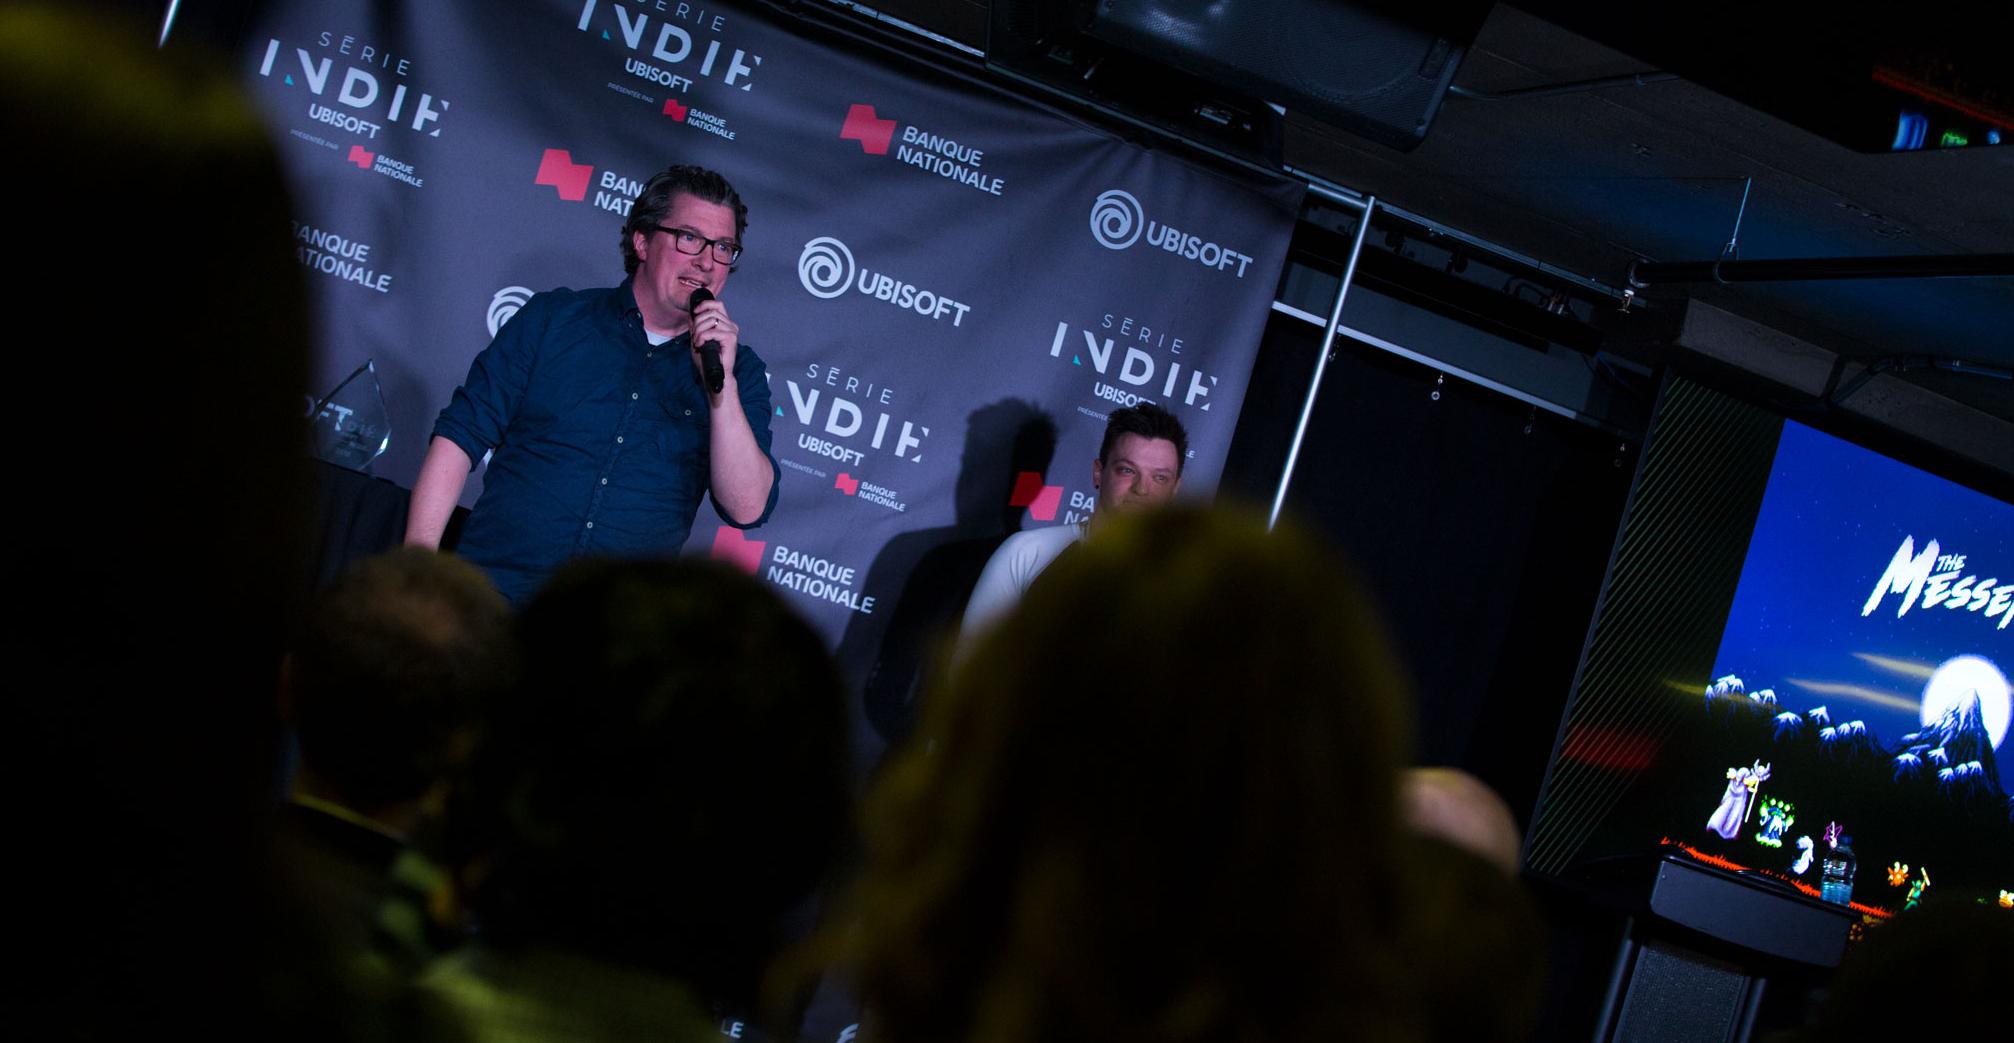 Entrevue avec le studio Sabotage, gagnants de la Série indie Ubisoft 2018